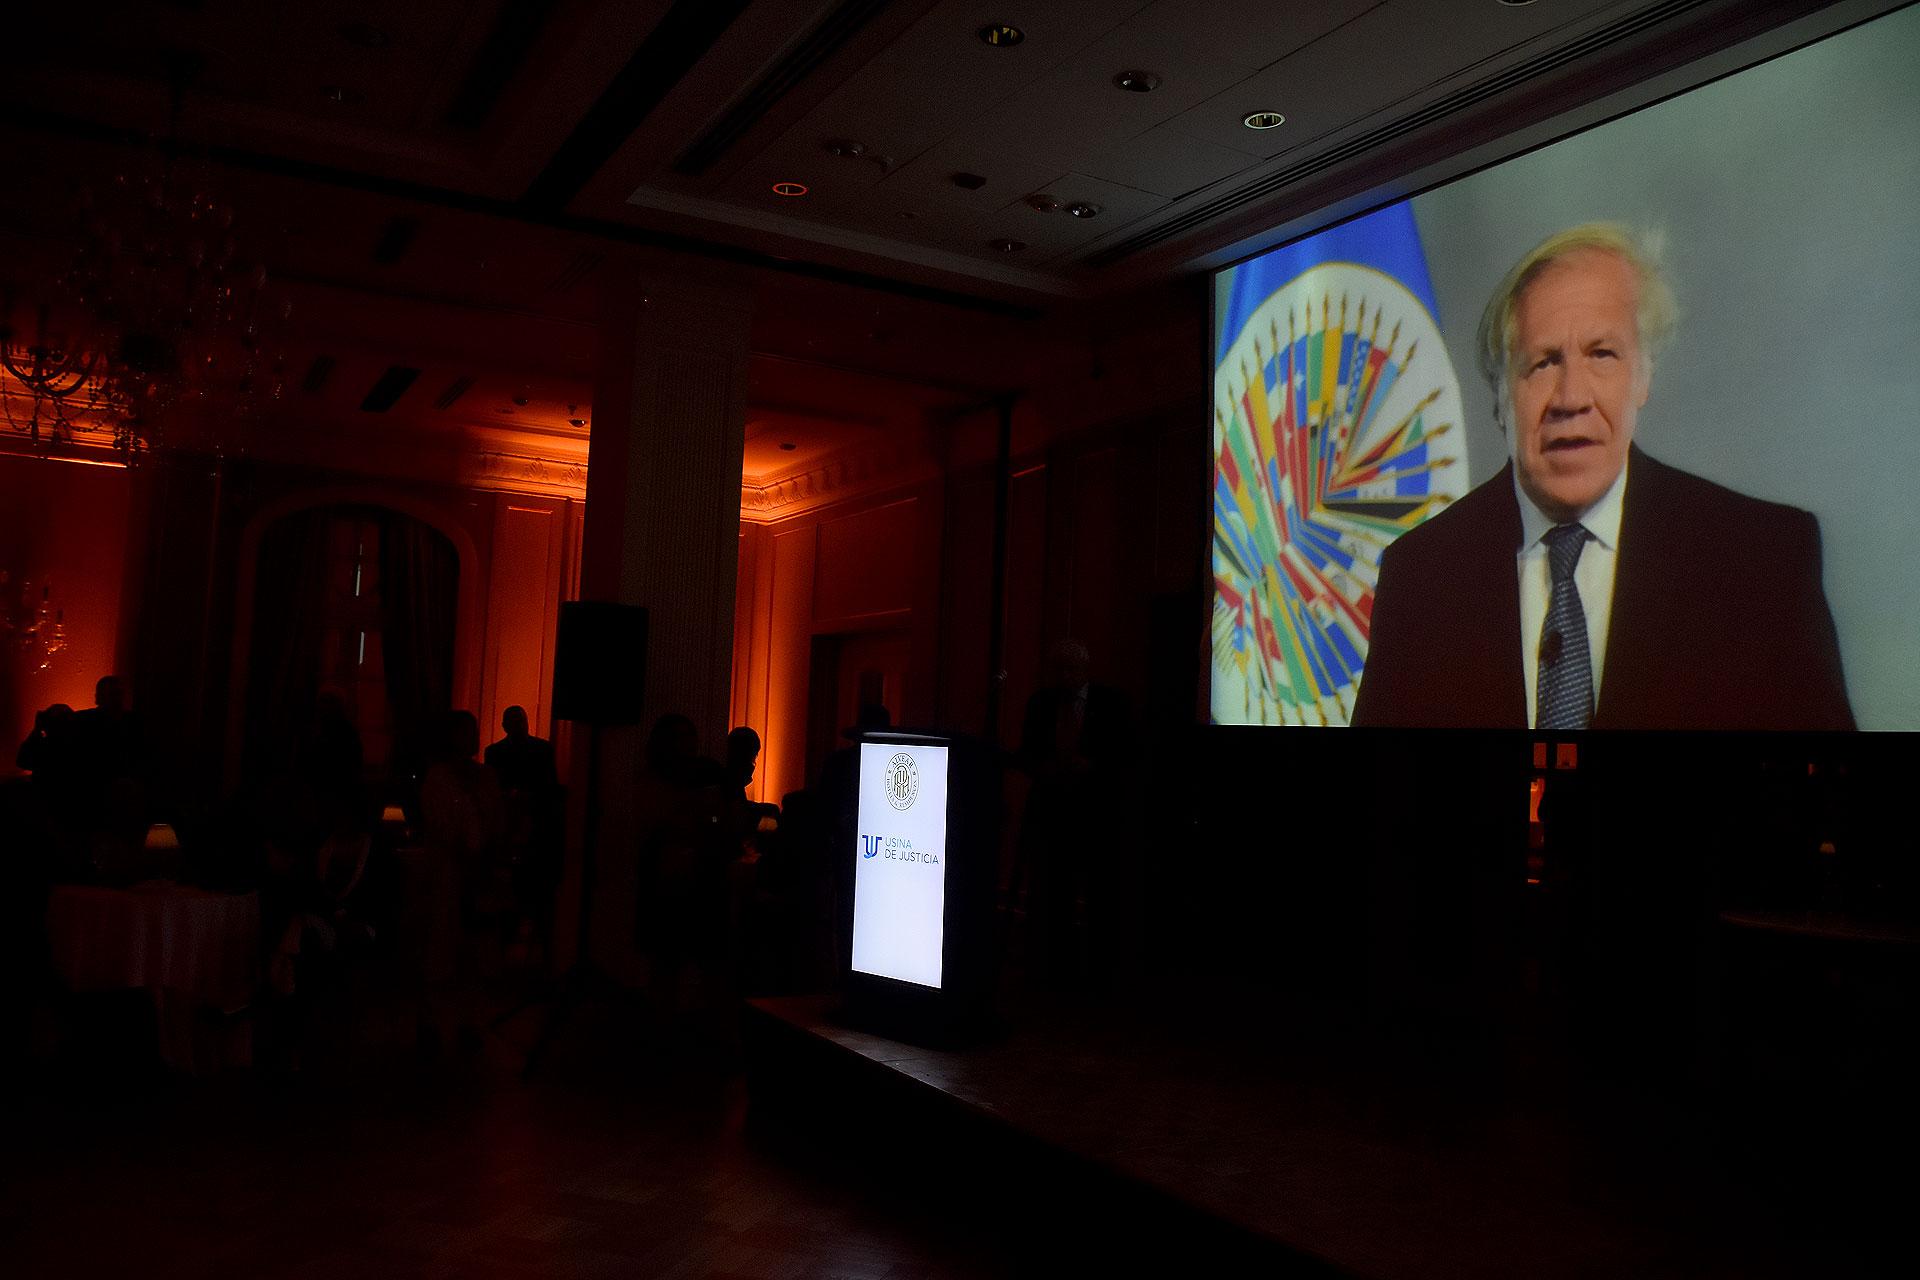 Las palabras de Luis Almagro Lemes, secretario general de la OEA, quién iba a recibir el premio y no pudo presenciar la ceremonia ya que debió asistir a un encuentro por el Tratado Interamericano de Asistencia Recíproca (TIAR), en Nueva York